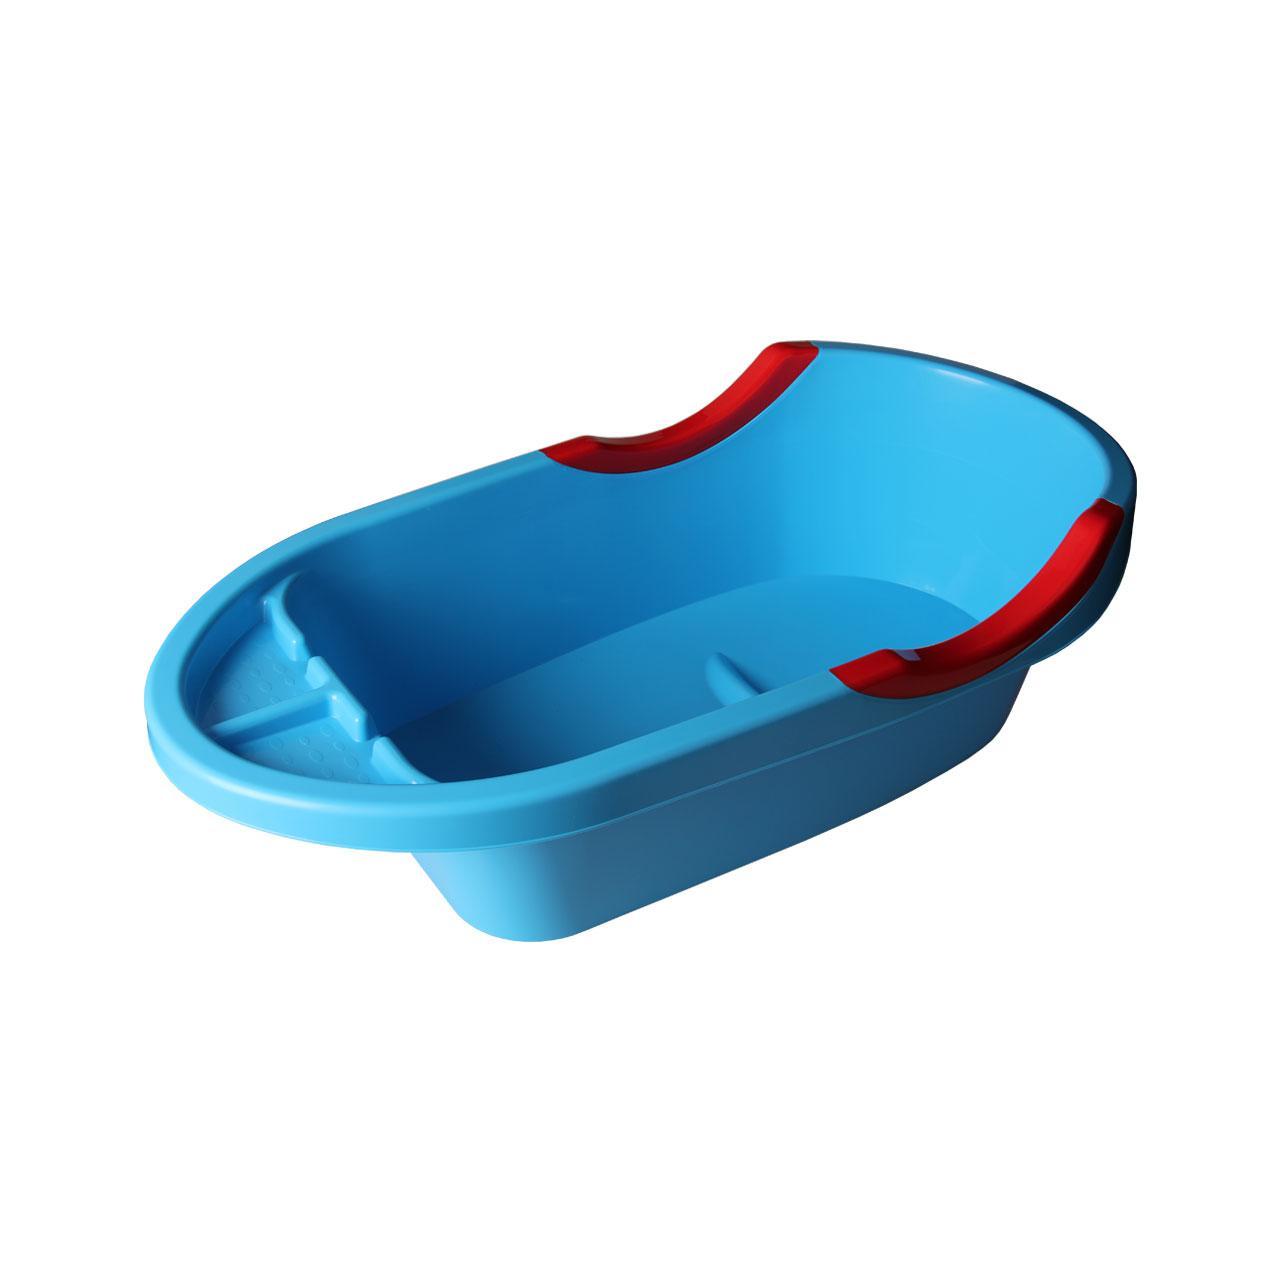 Ванна детская Пластик Малышок Цвет - синий 4409М